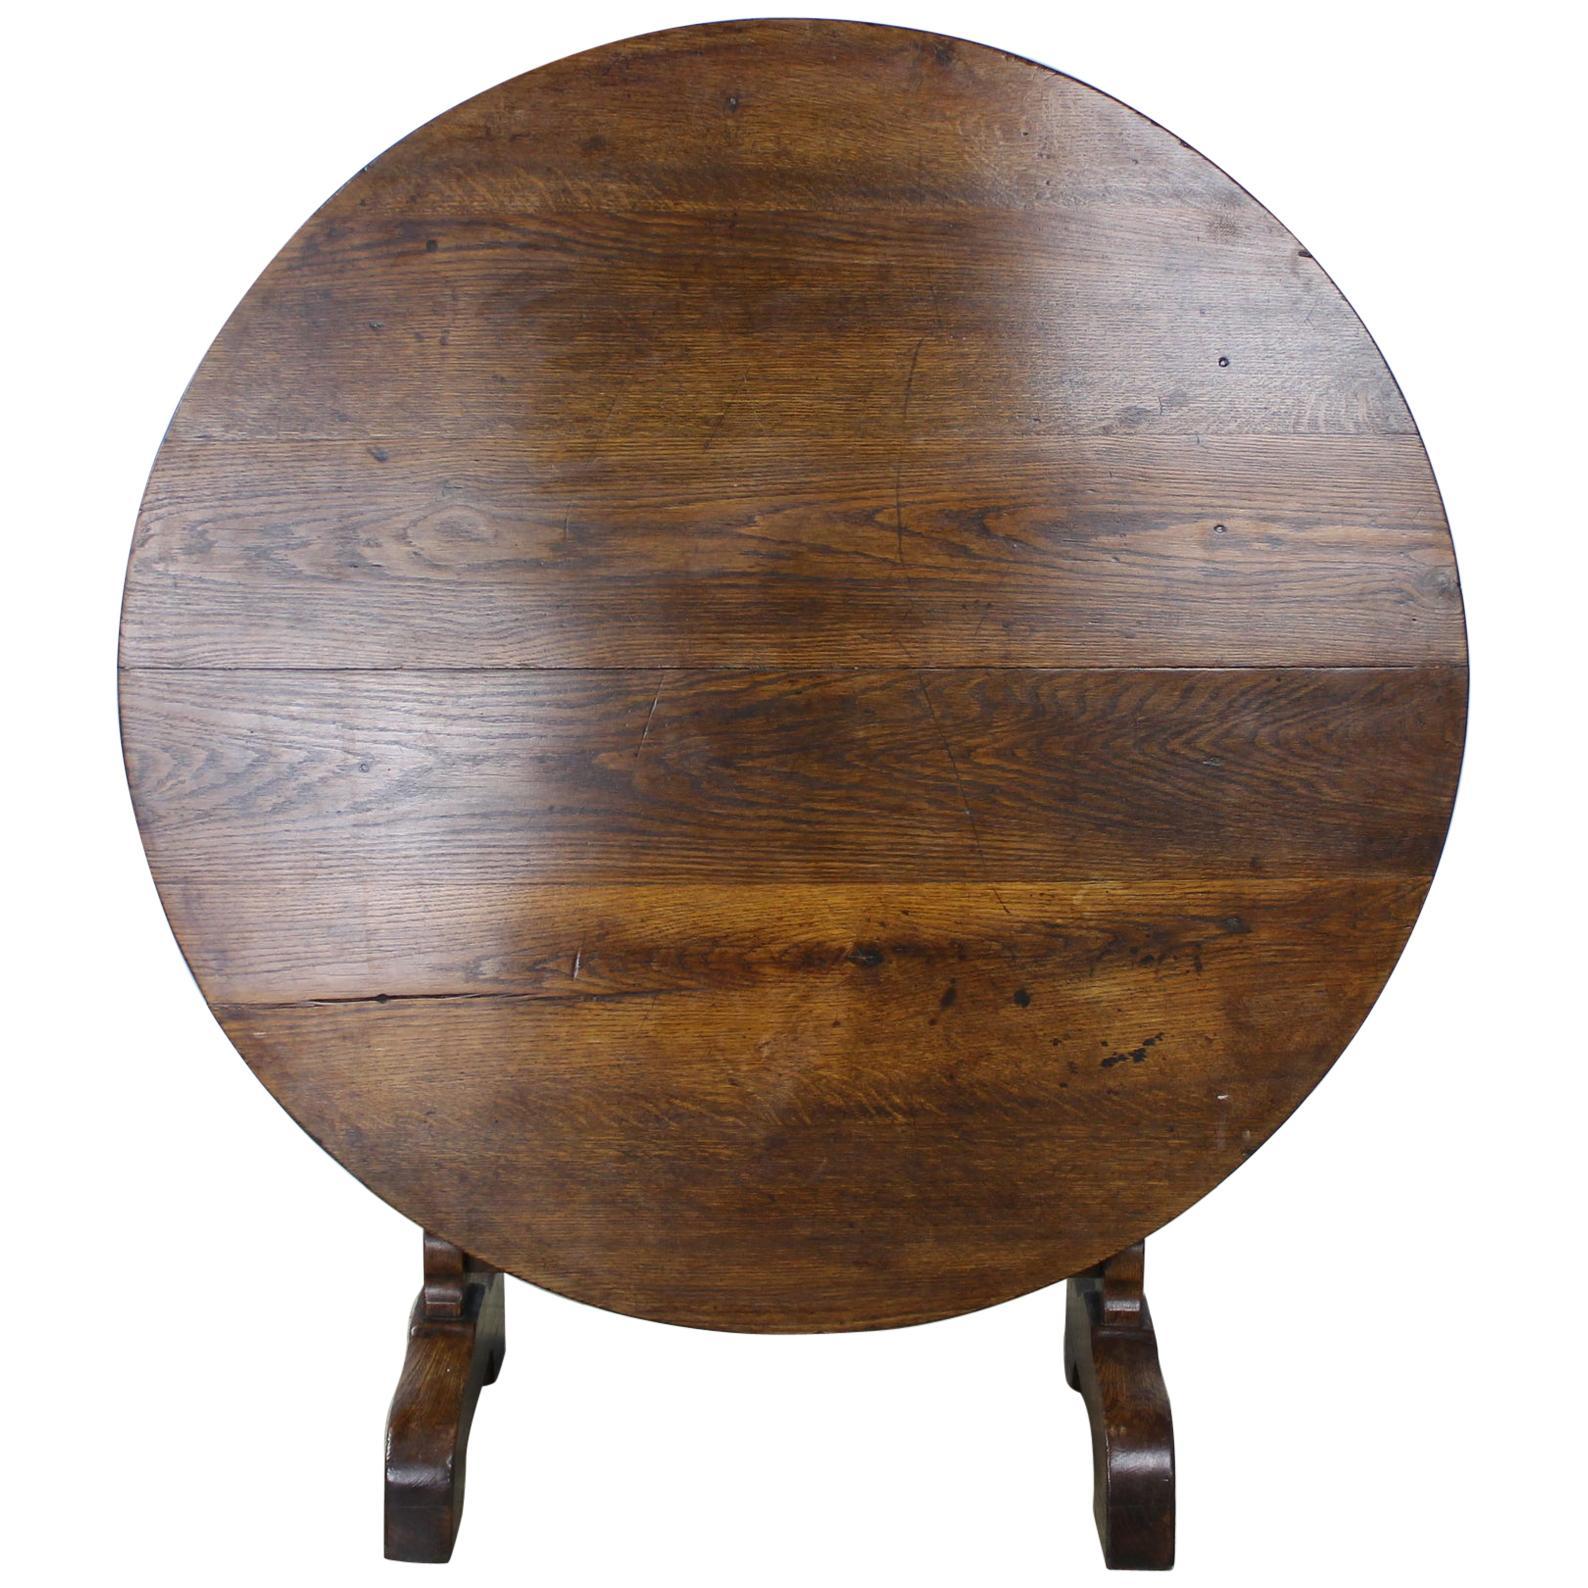 Antique Oak Vendange or Wine Tasting Table